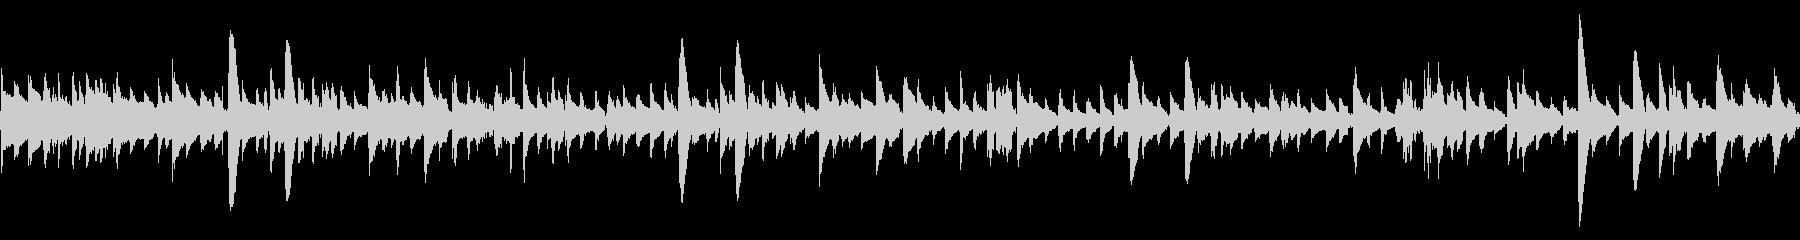 アコギ47-ループ/爽やか 明るいの未再生の波形